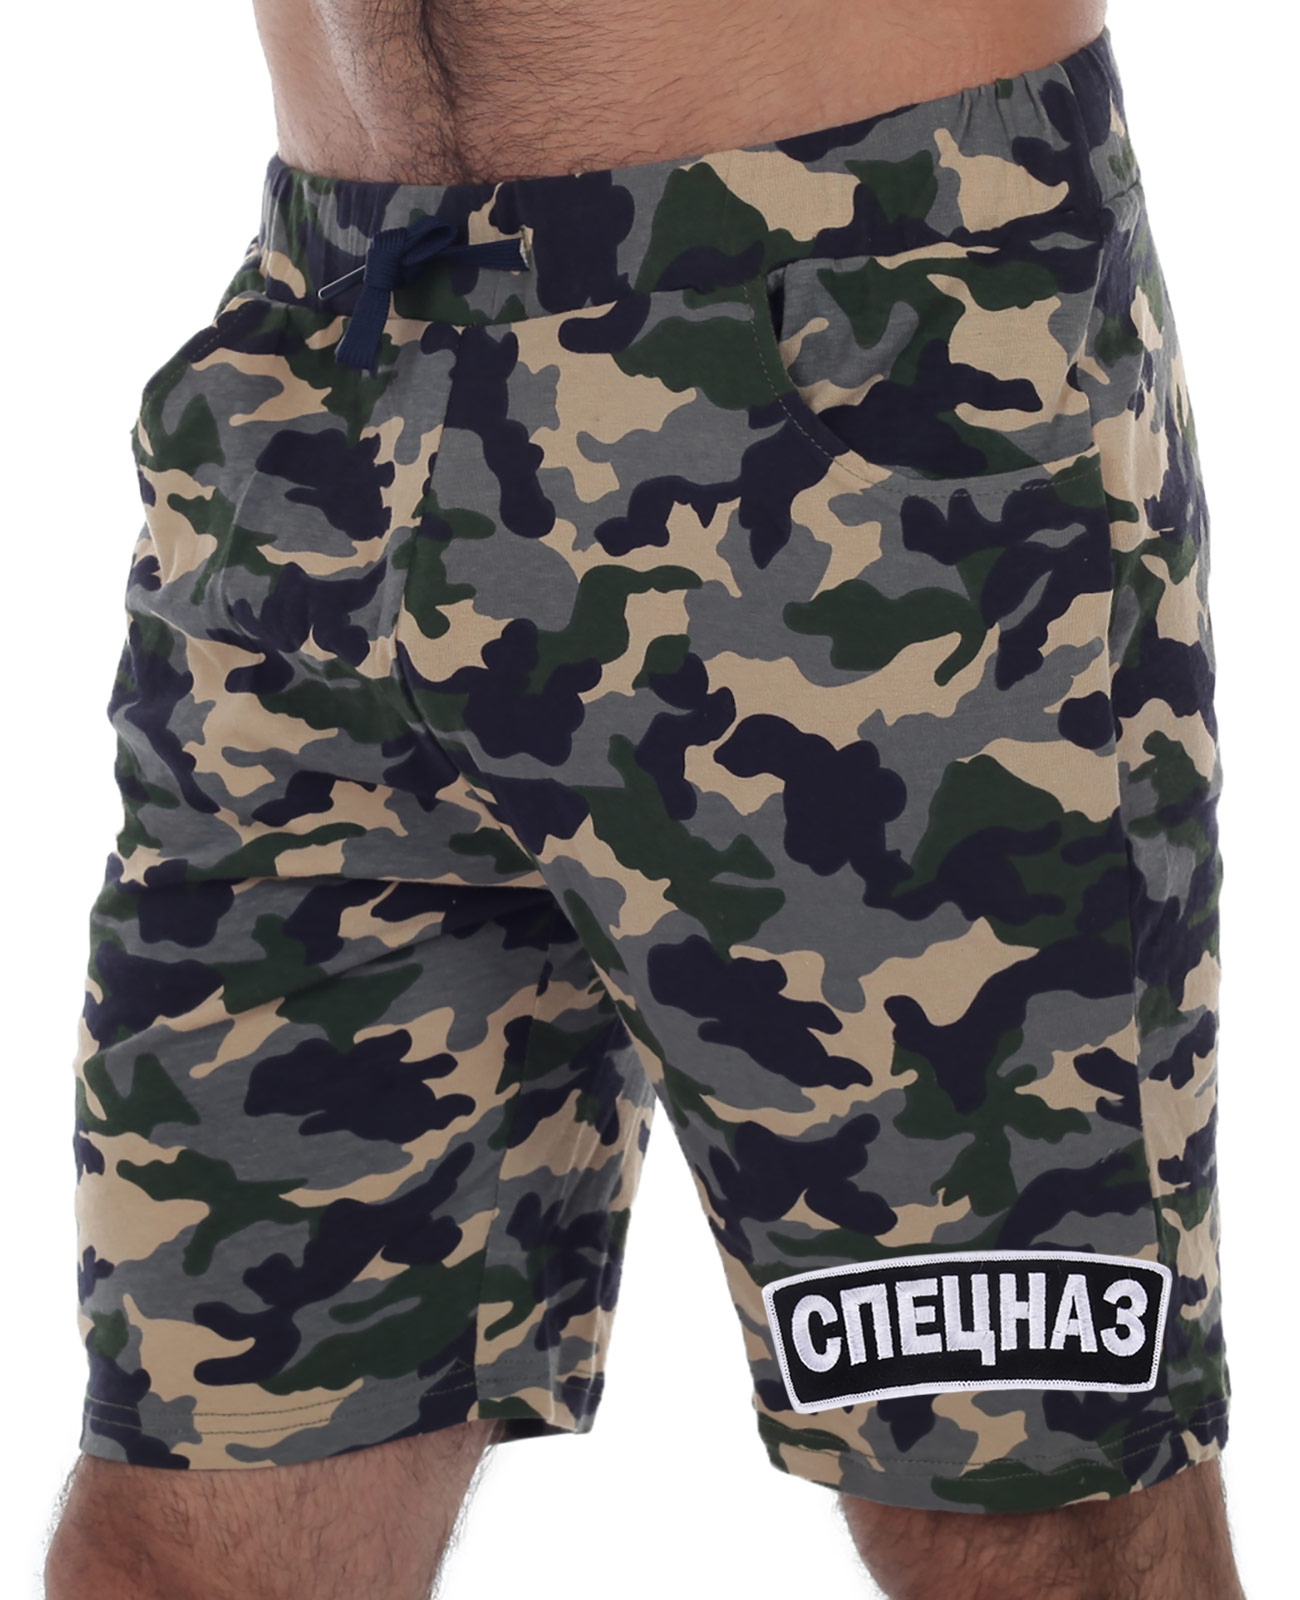 Камуфляжные шорты с вышивкой Спецназ по цене 899 рублей